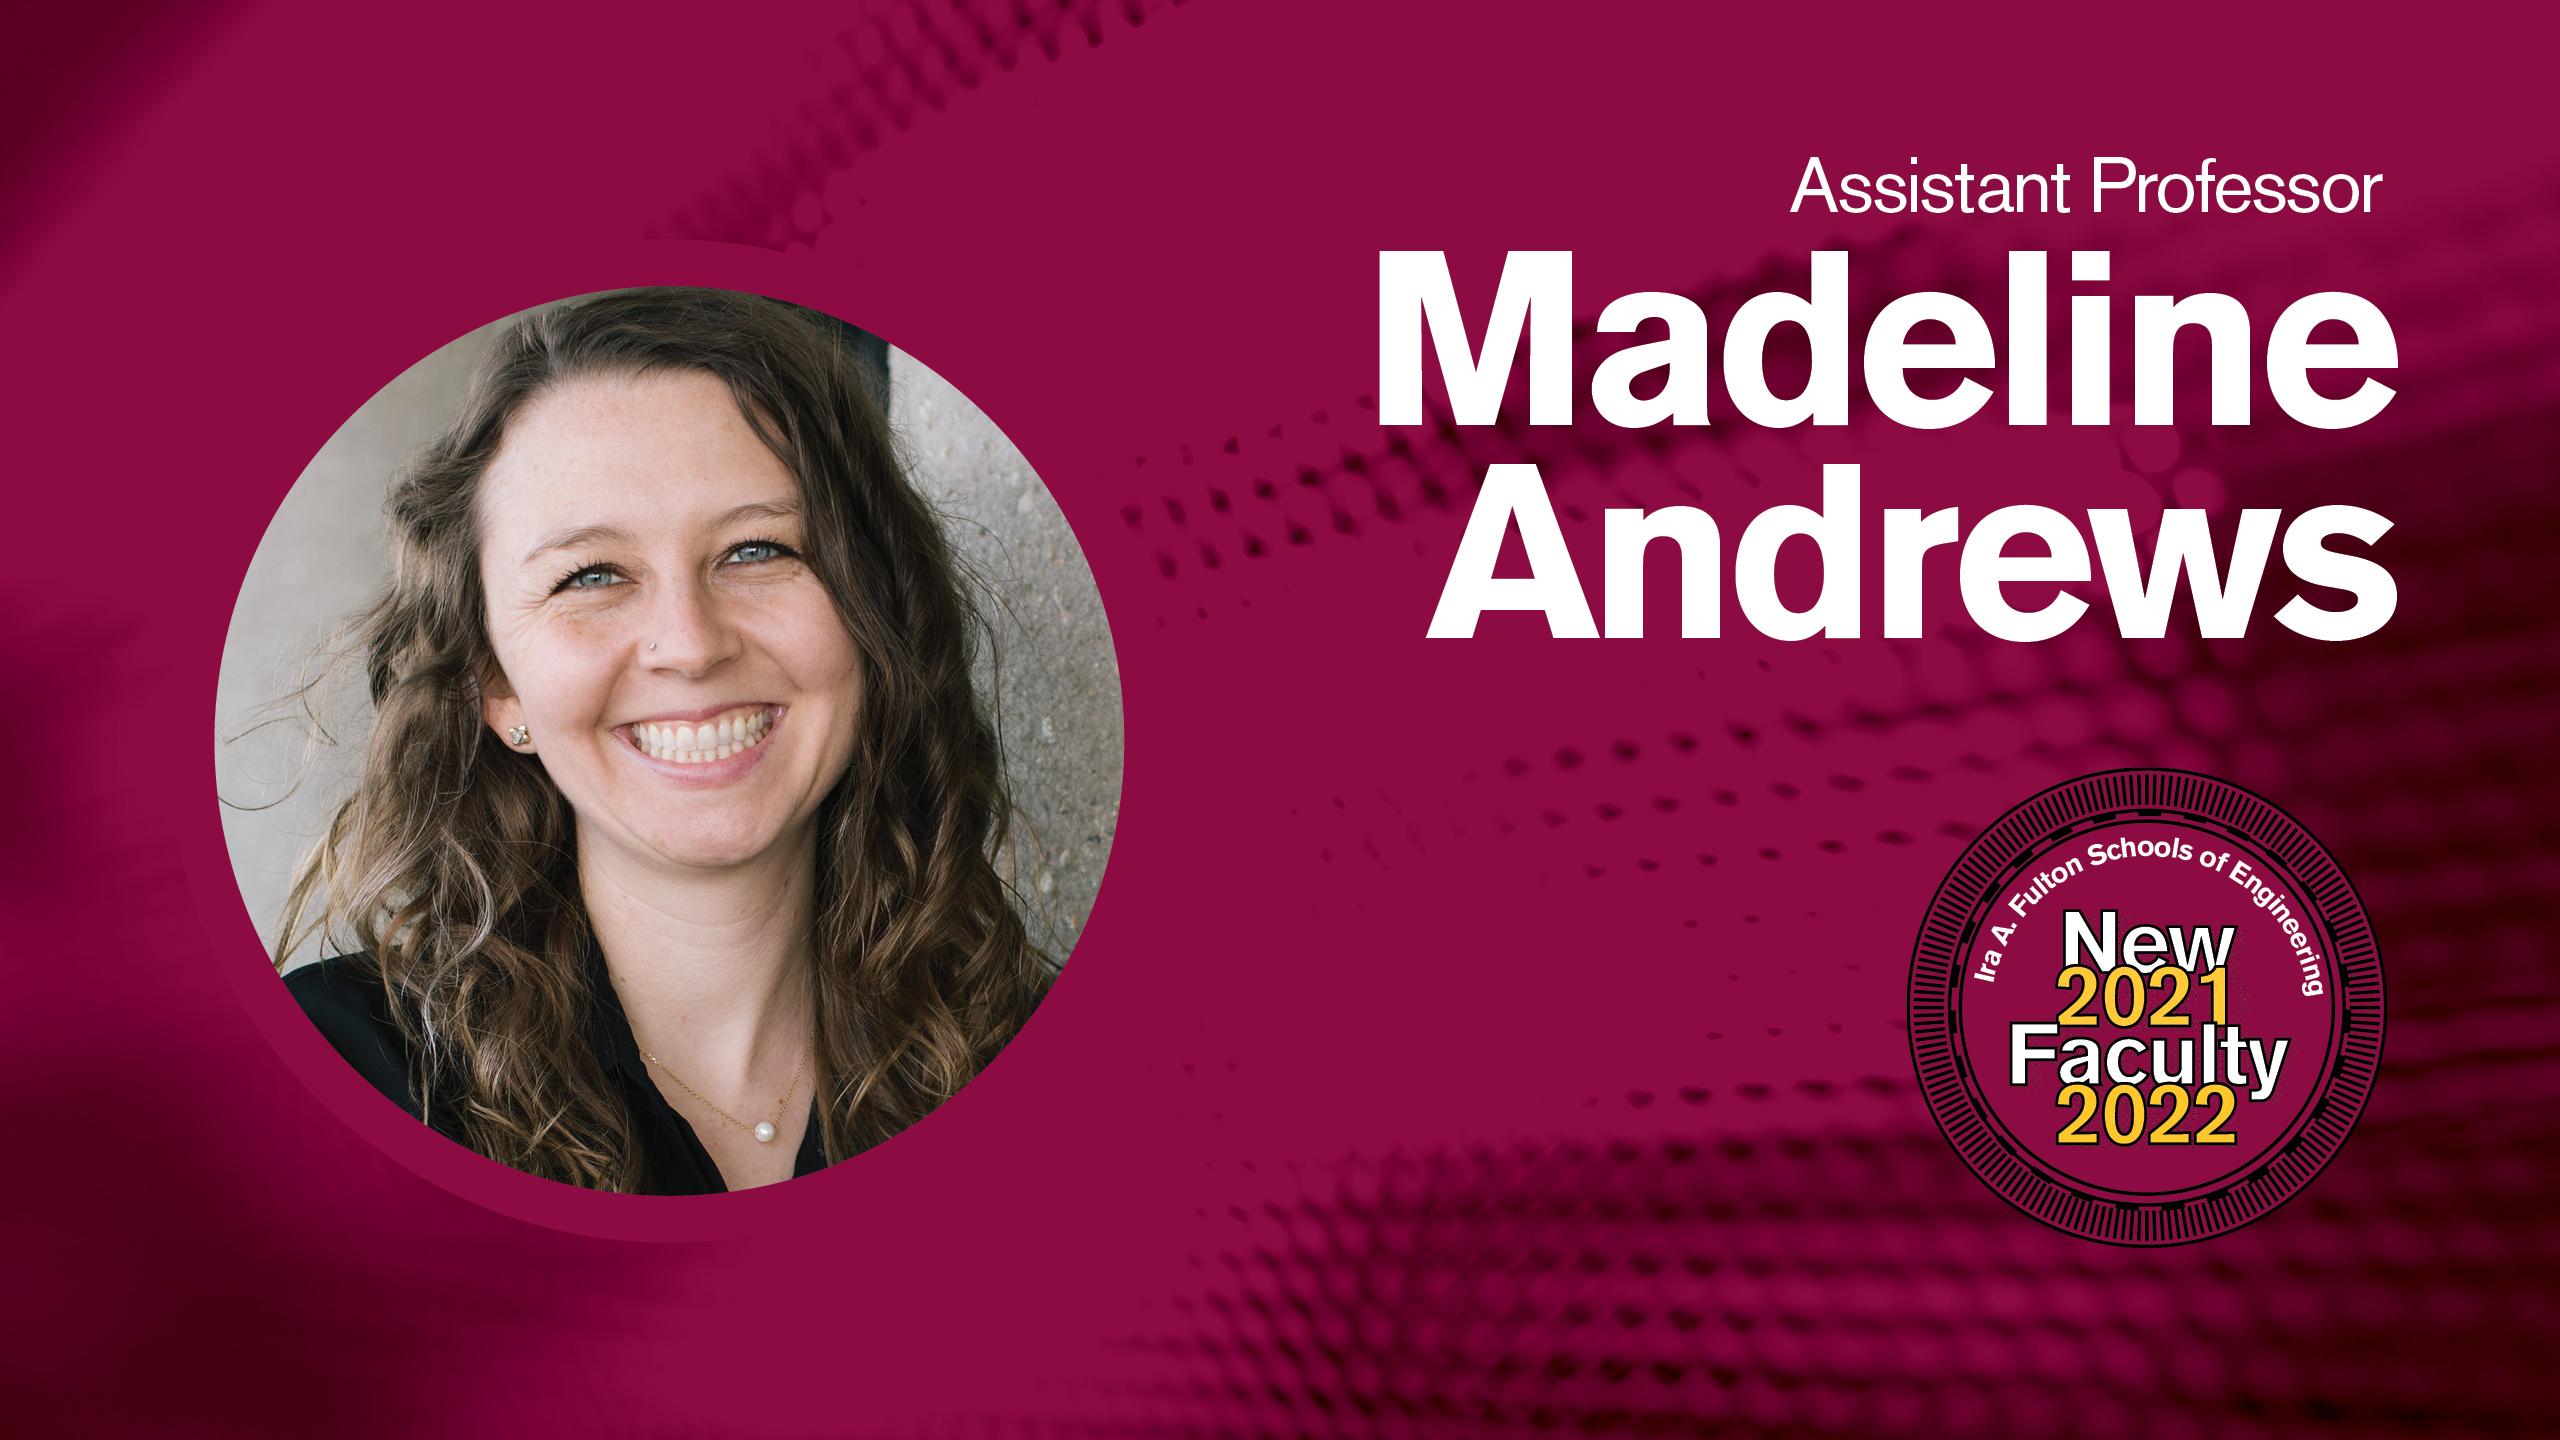 Madeline Andrews